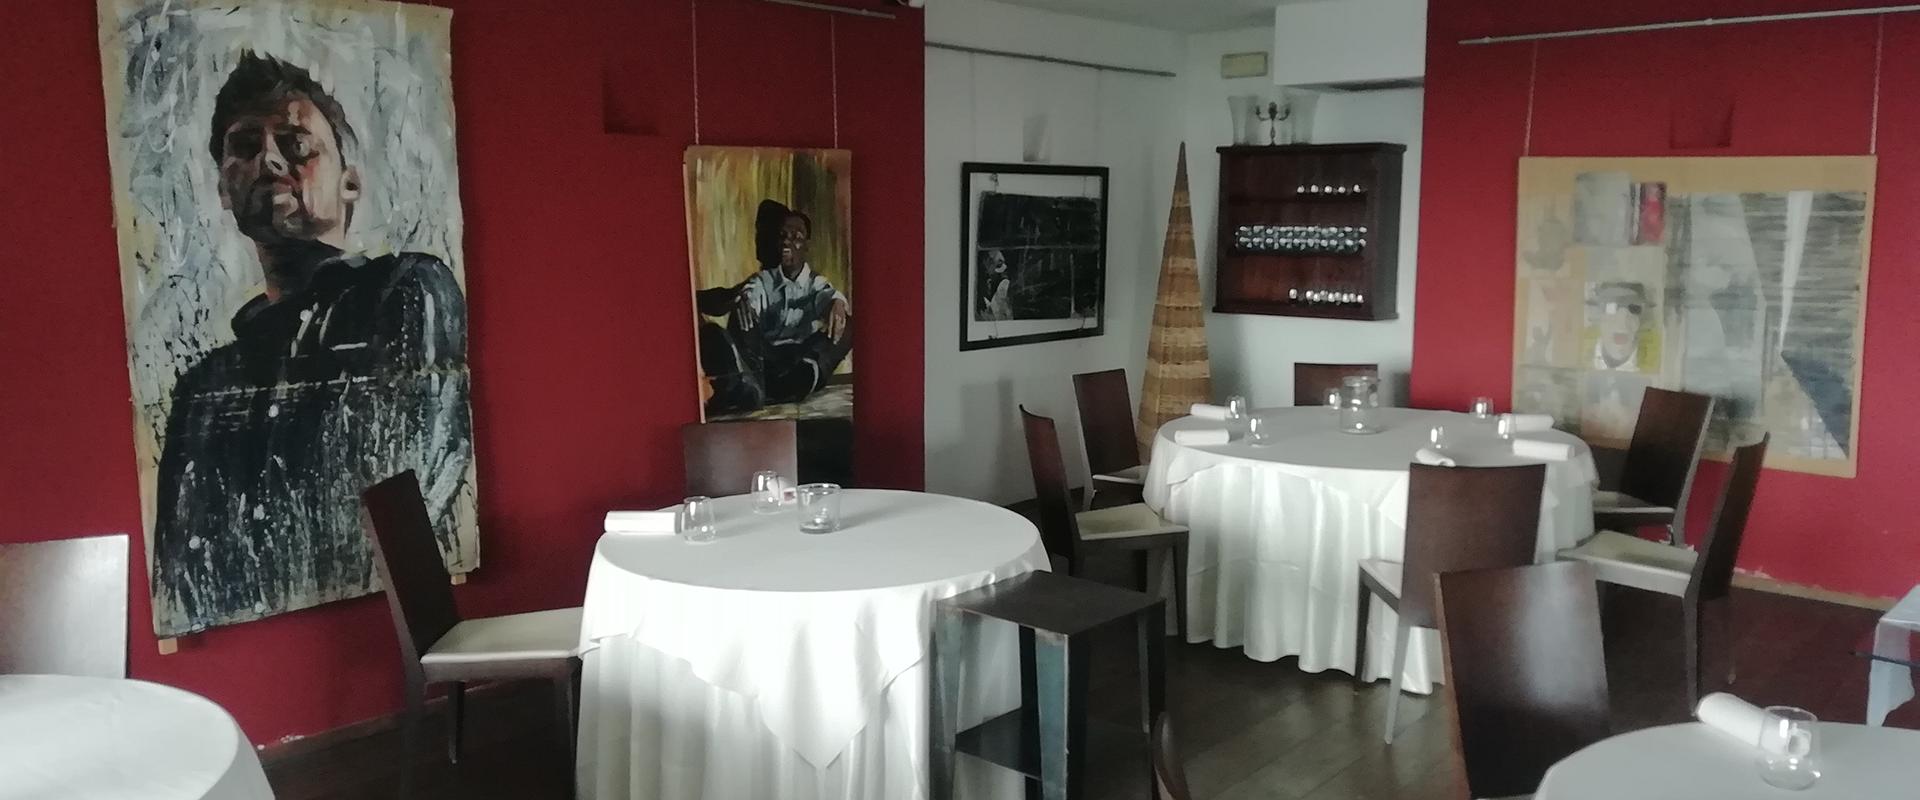 sala tavoli cantina lemine ristoranti bergamo